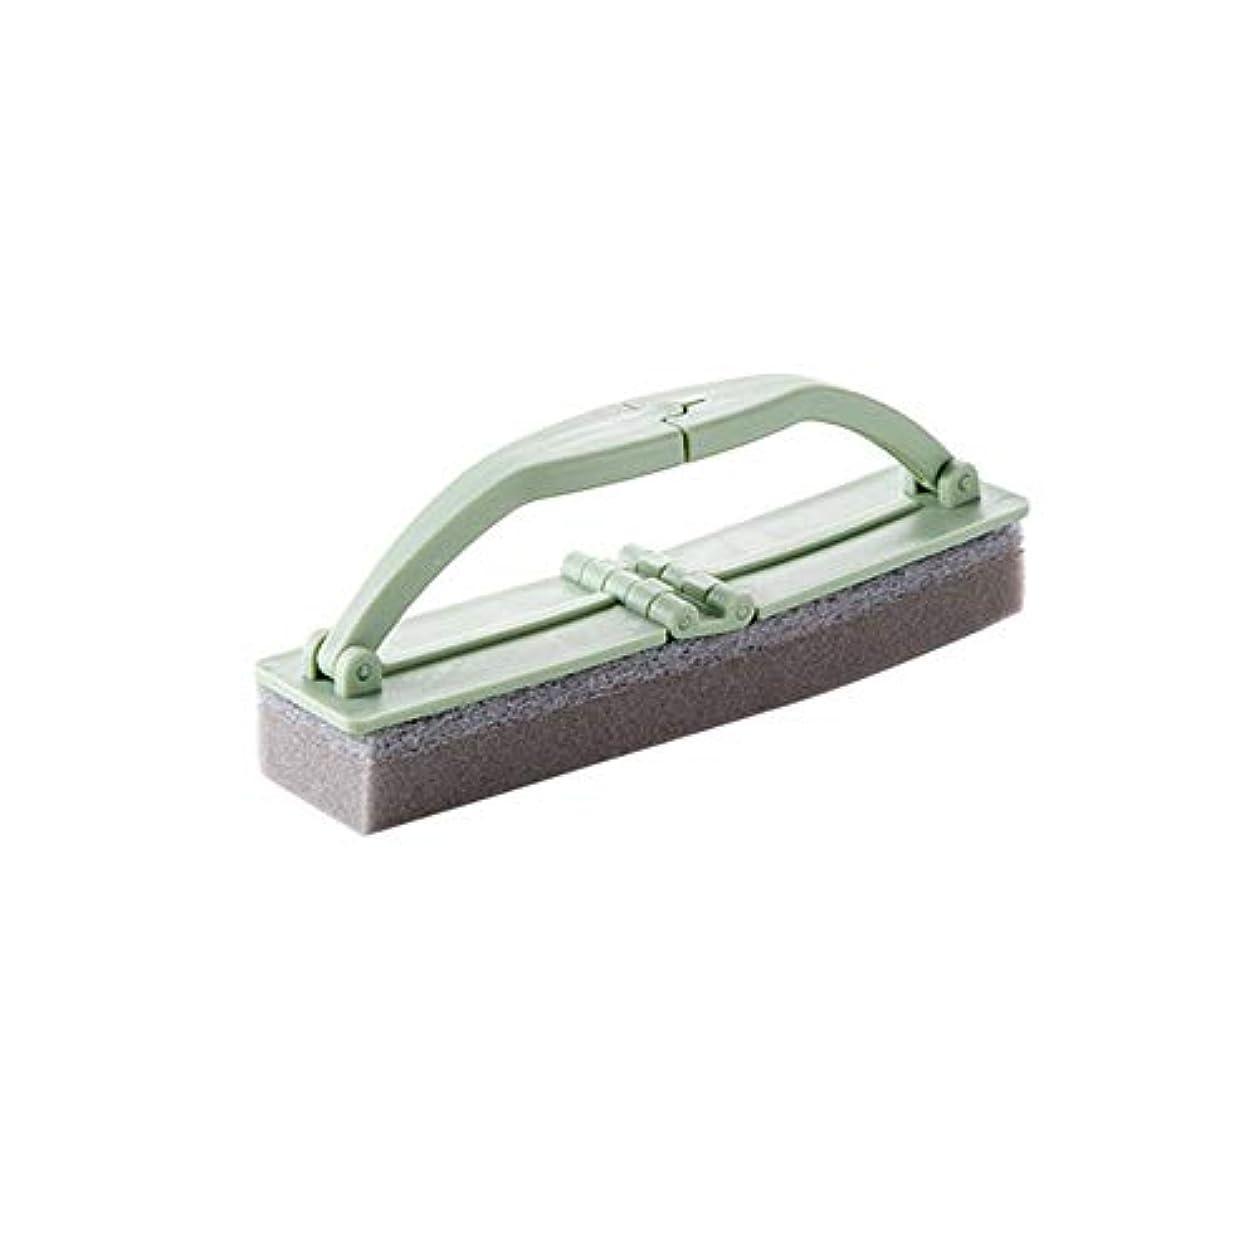 幻滅するシャーロックホームズ因子ポアクリーニング 折りたたみ式の浴室スポンジハンドル付き強力な汚染除去タイルクリーニングスポンジブラシ2 PCS マッサージブラシ (色 : 緑)